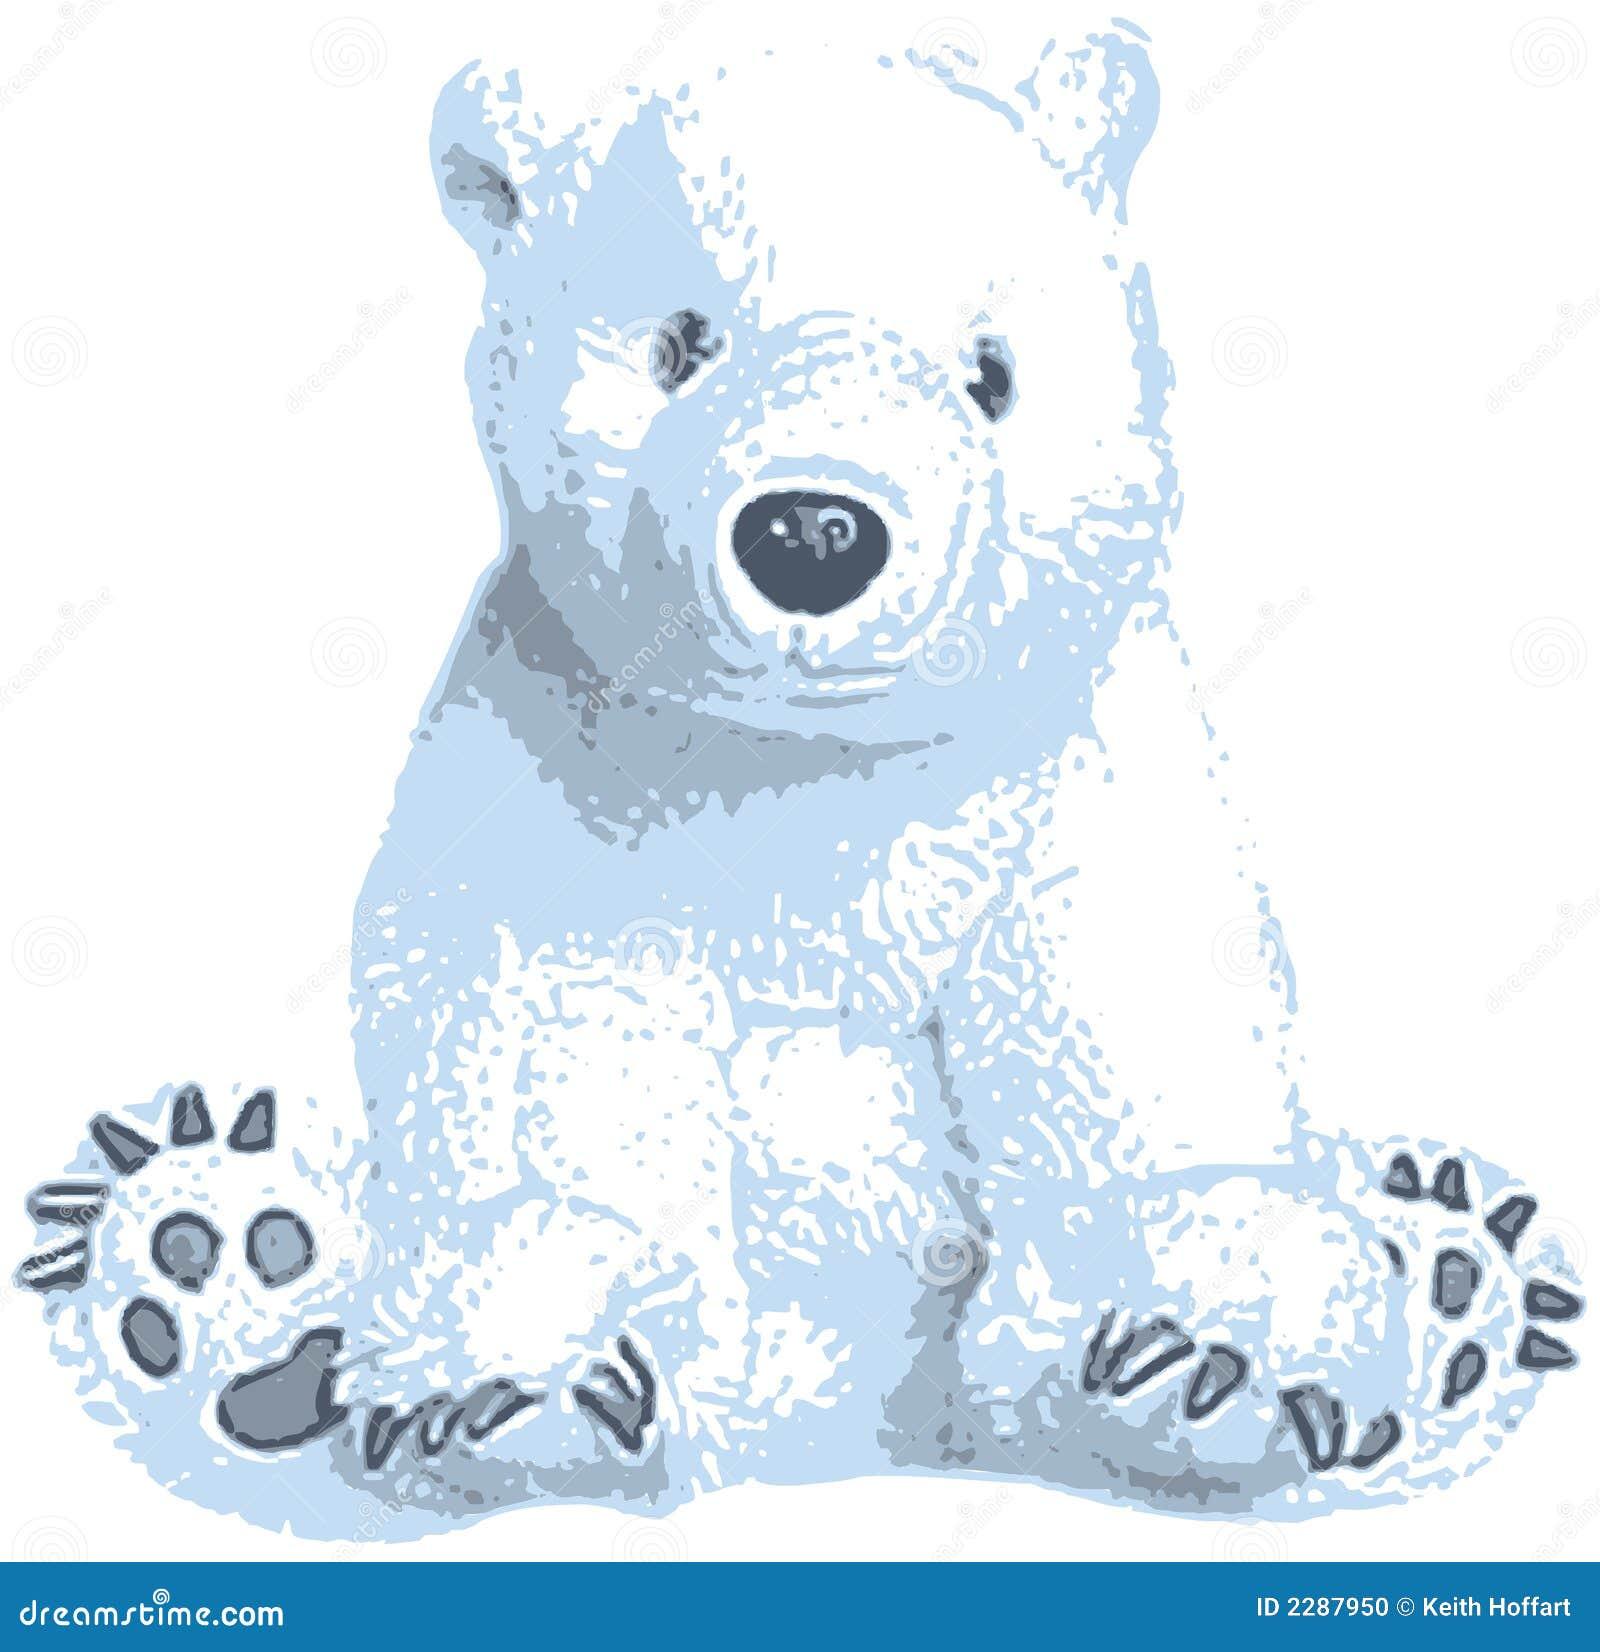 Cute polar bear drawings - photo#26